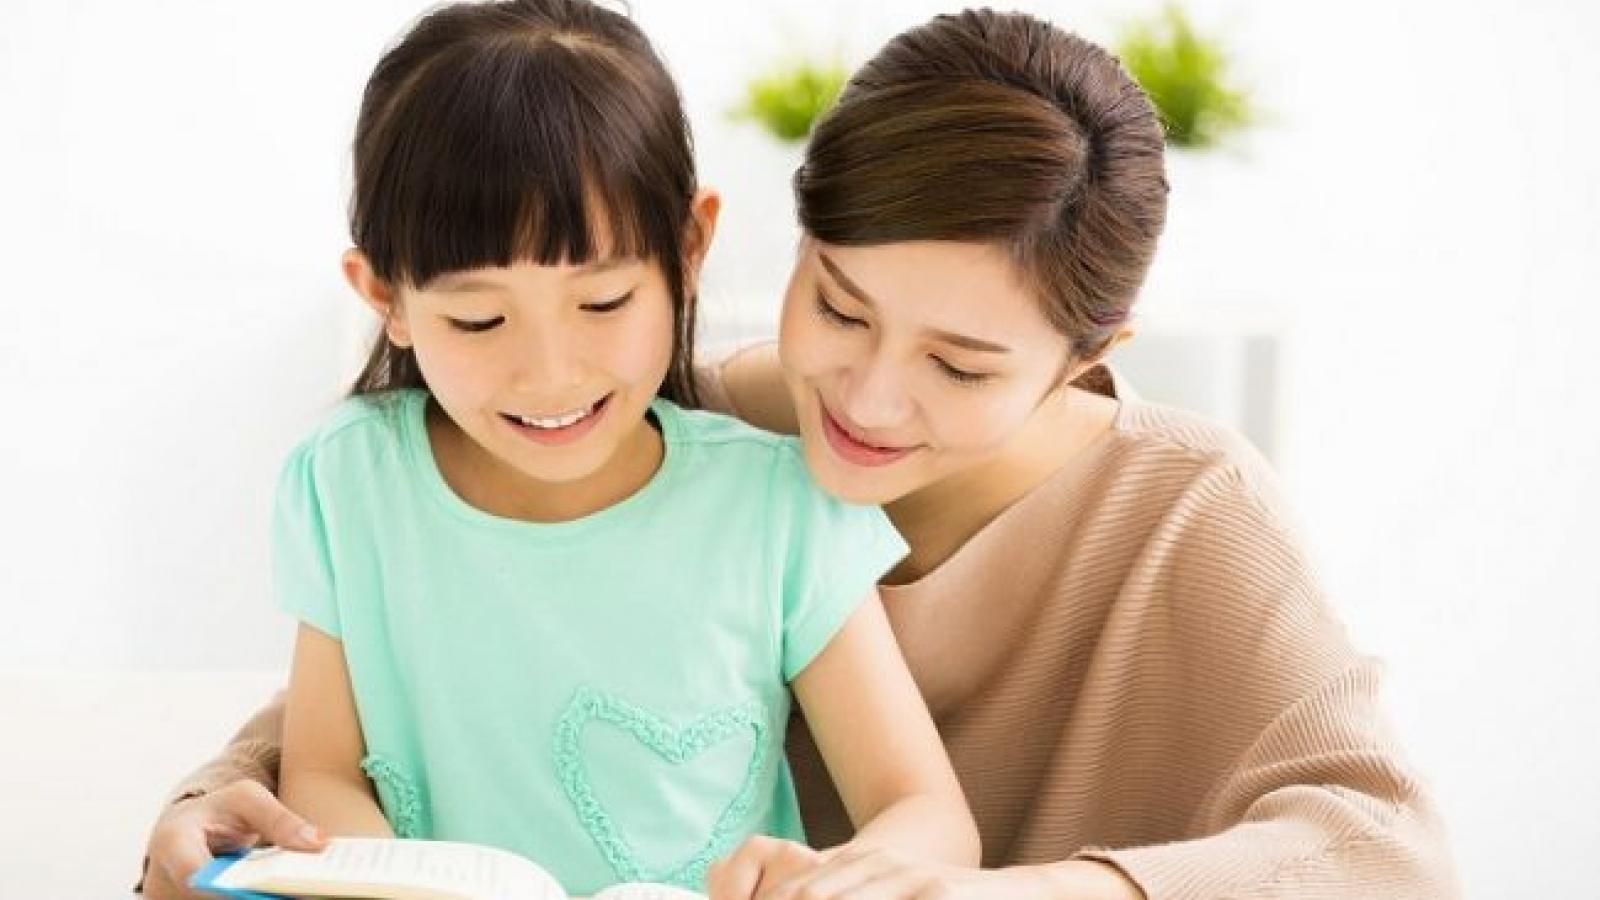 12 cách để nuôi dạy một đứa trẻ biết quan tâm, nhân ái